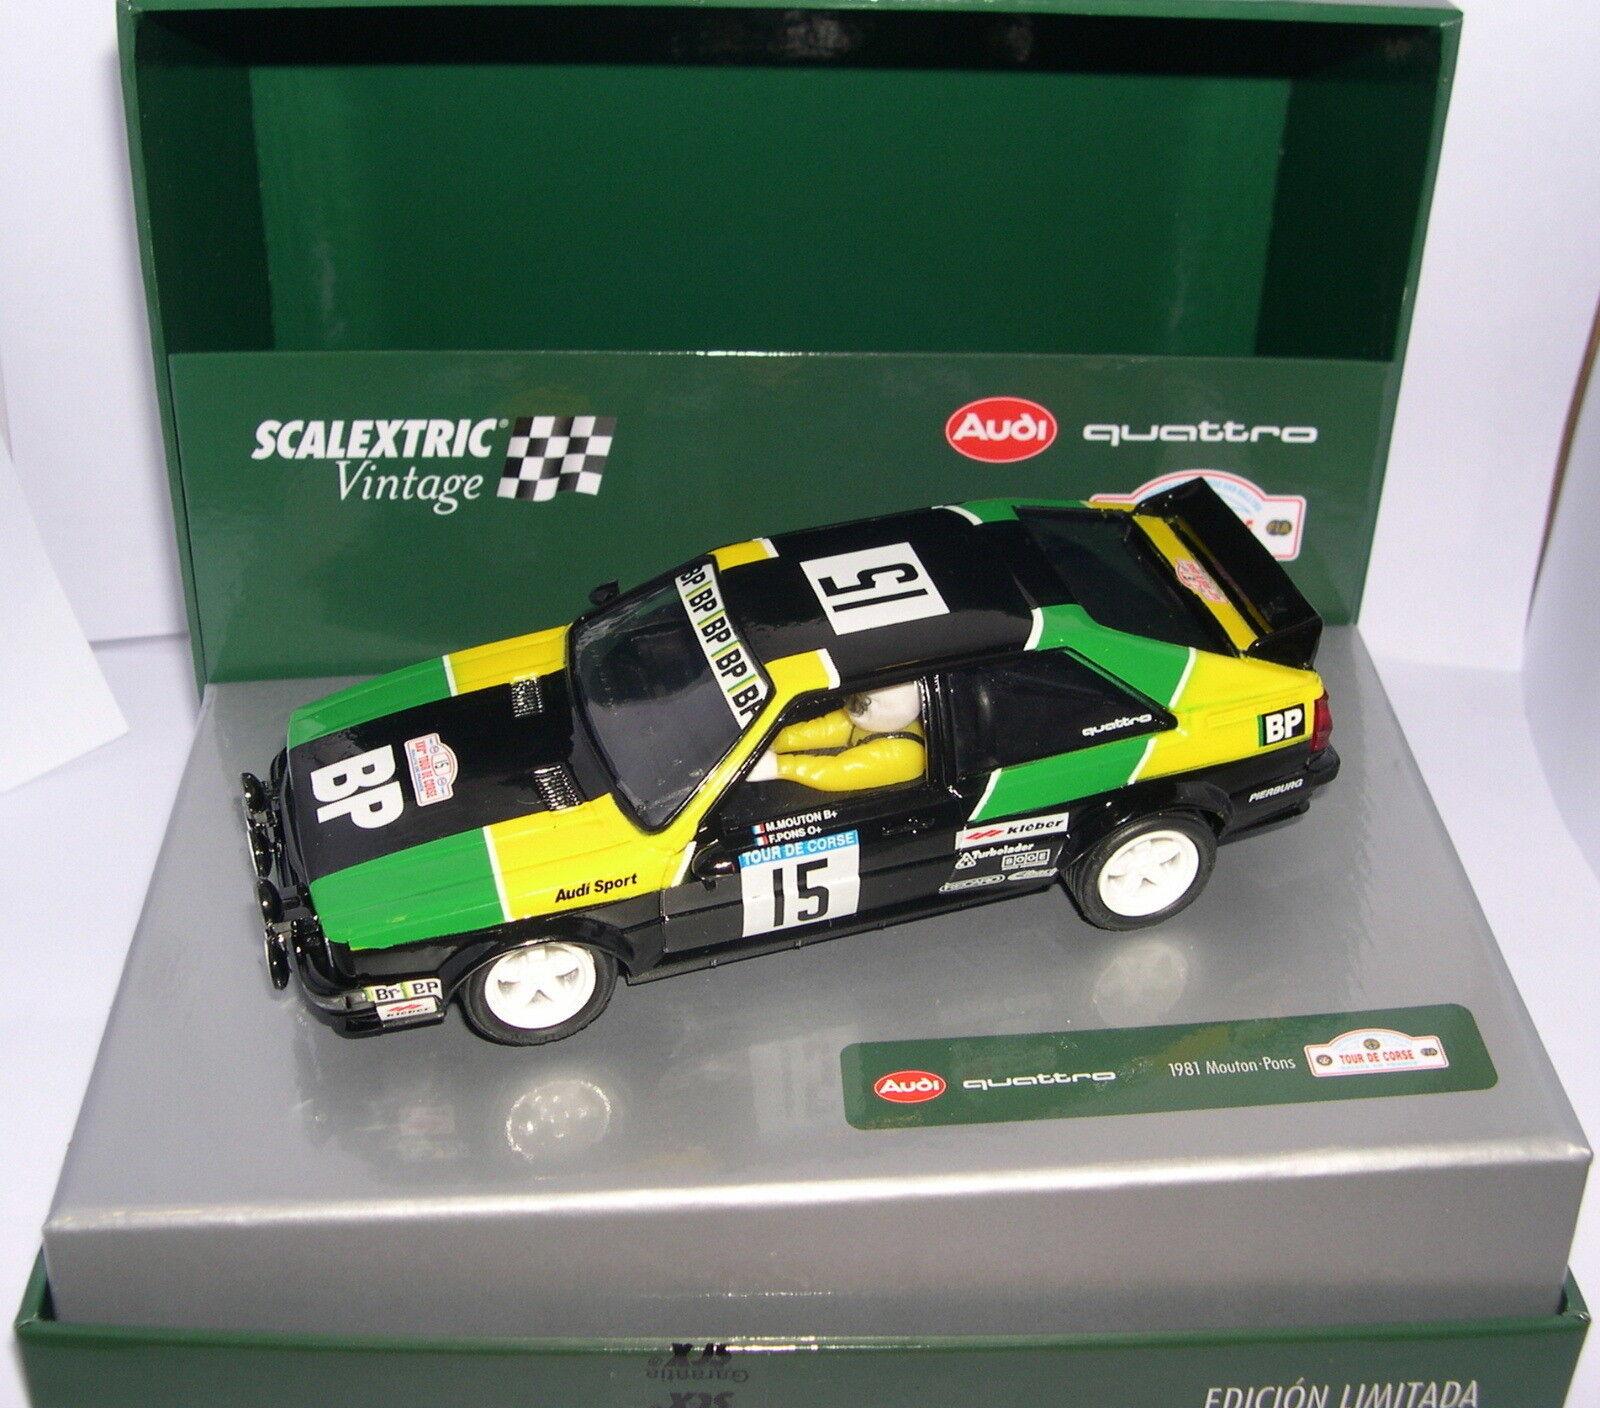 Scalextric A10148S300 Audi Quattro  15 Tour Corse 1981 Mouton-Pons Vintage MB